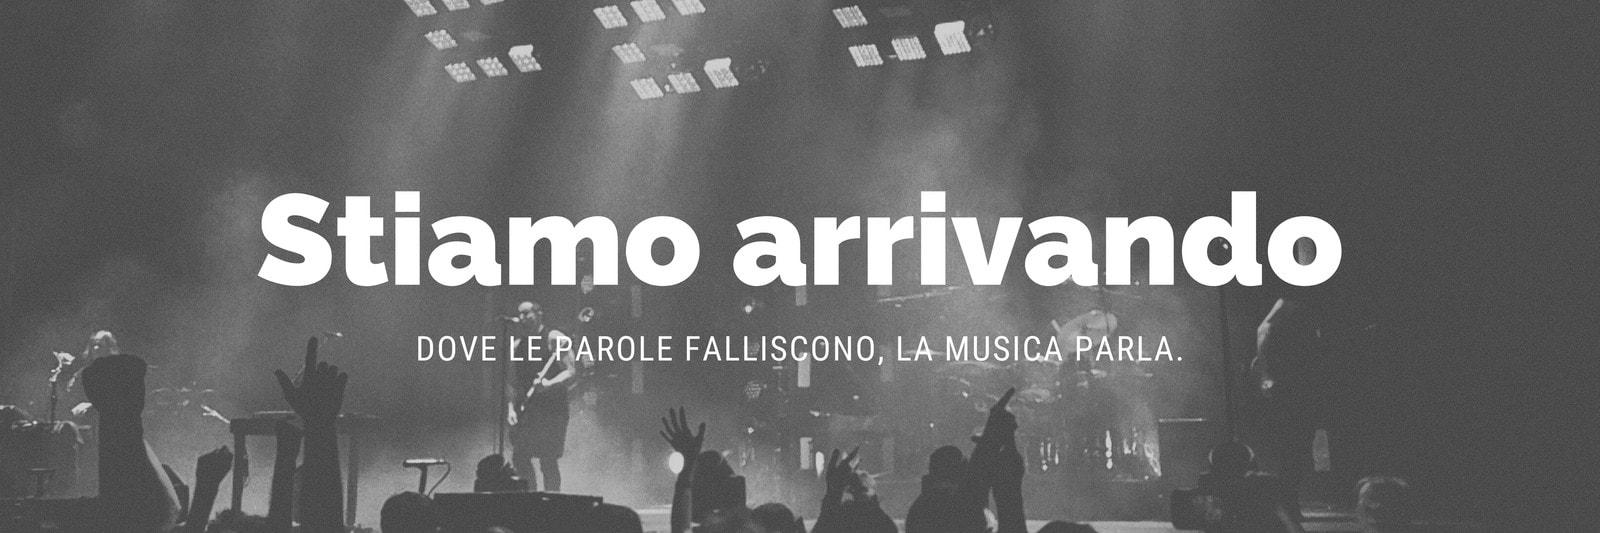 Foto Scala di Grigi Musica Generale/Apprezzamento Intestazione per Twitter